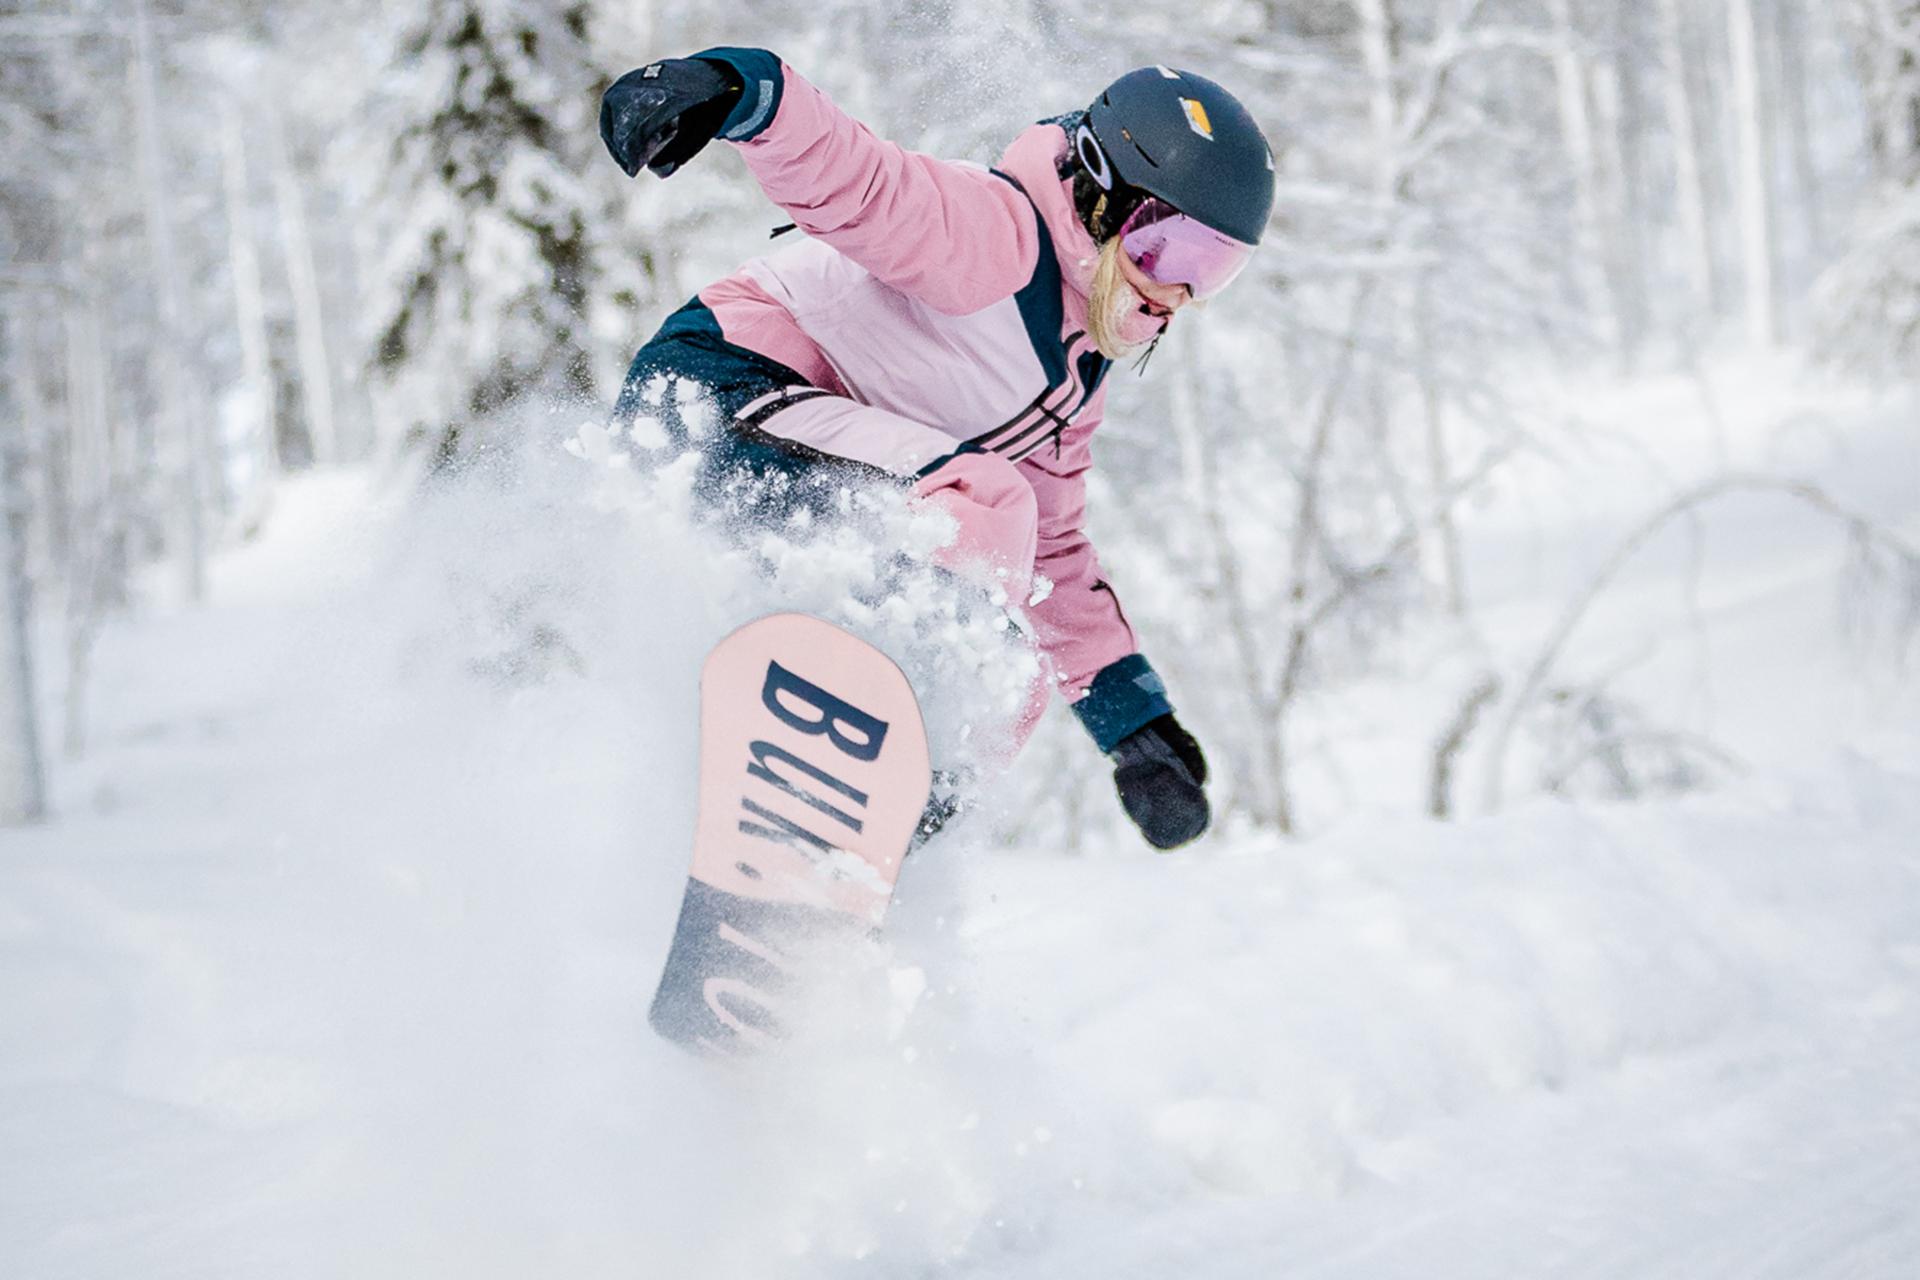 Levi_Ski_Resort_2020_Winter©PTB-Creative_WebRes-37-1